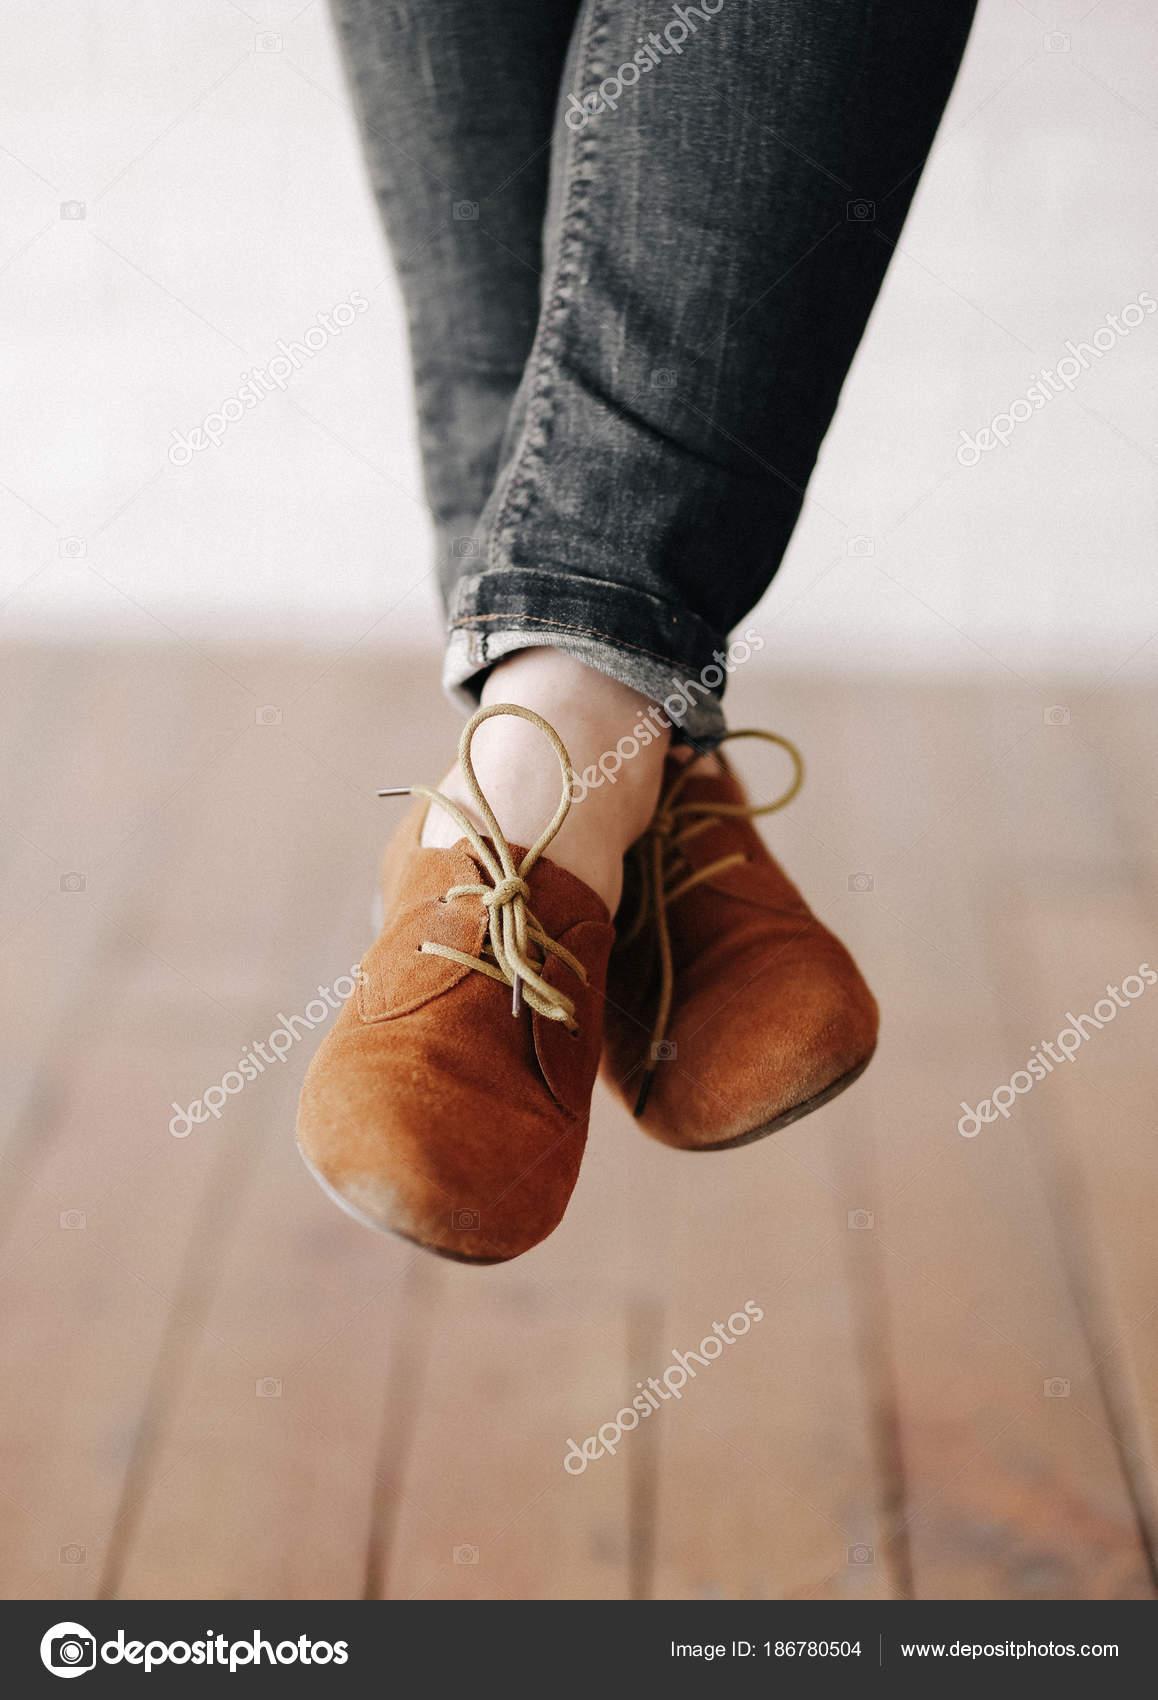 3a3f960c5545 Γυναικεία πόδια σε παπούτσια με κορδόνια που δεν αγγίζουν το πάτωμα —  Εικόνα από ...